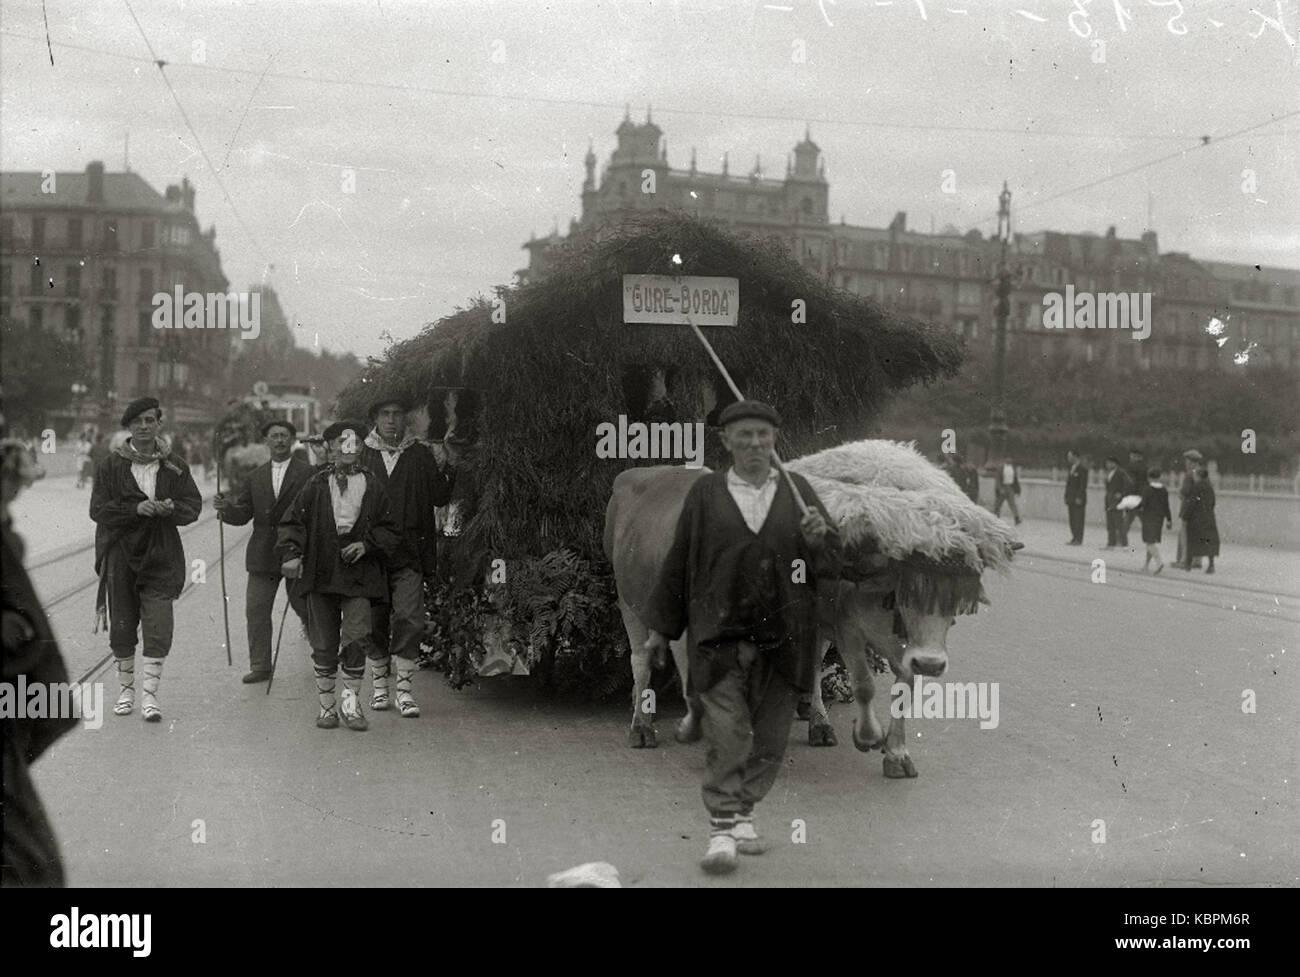 Hombres vestidos de caseros en una carroza tirada por bueyes en el puente Santa Catalina (1 de 1)   Fondo Car Kutxa Stock Photo